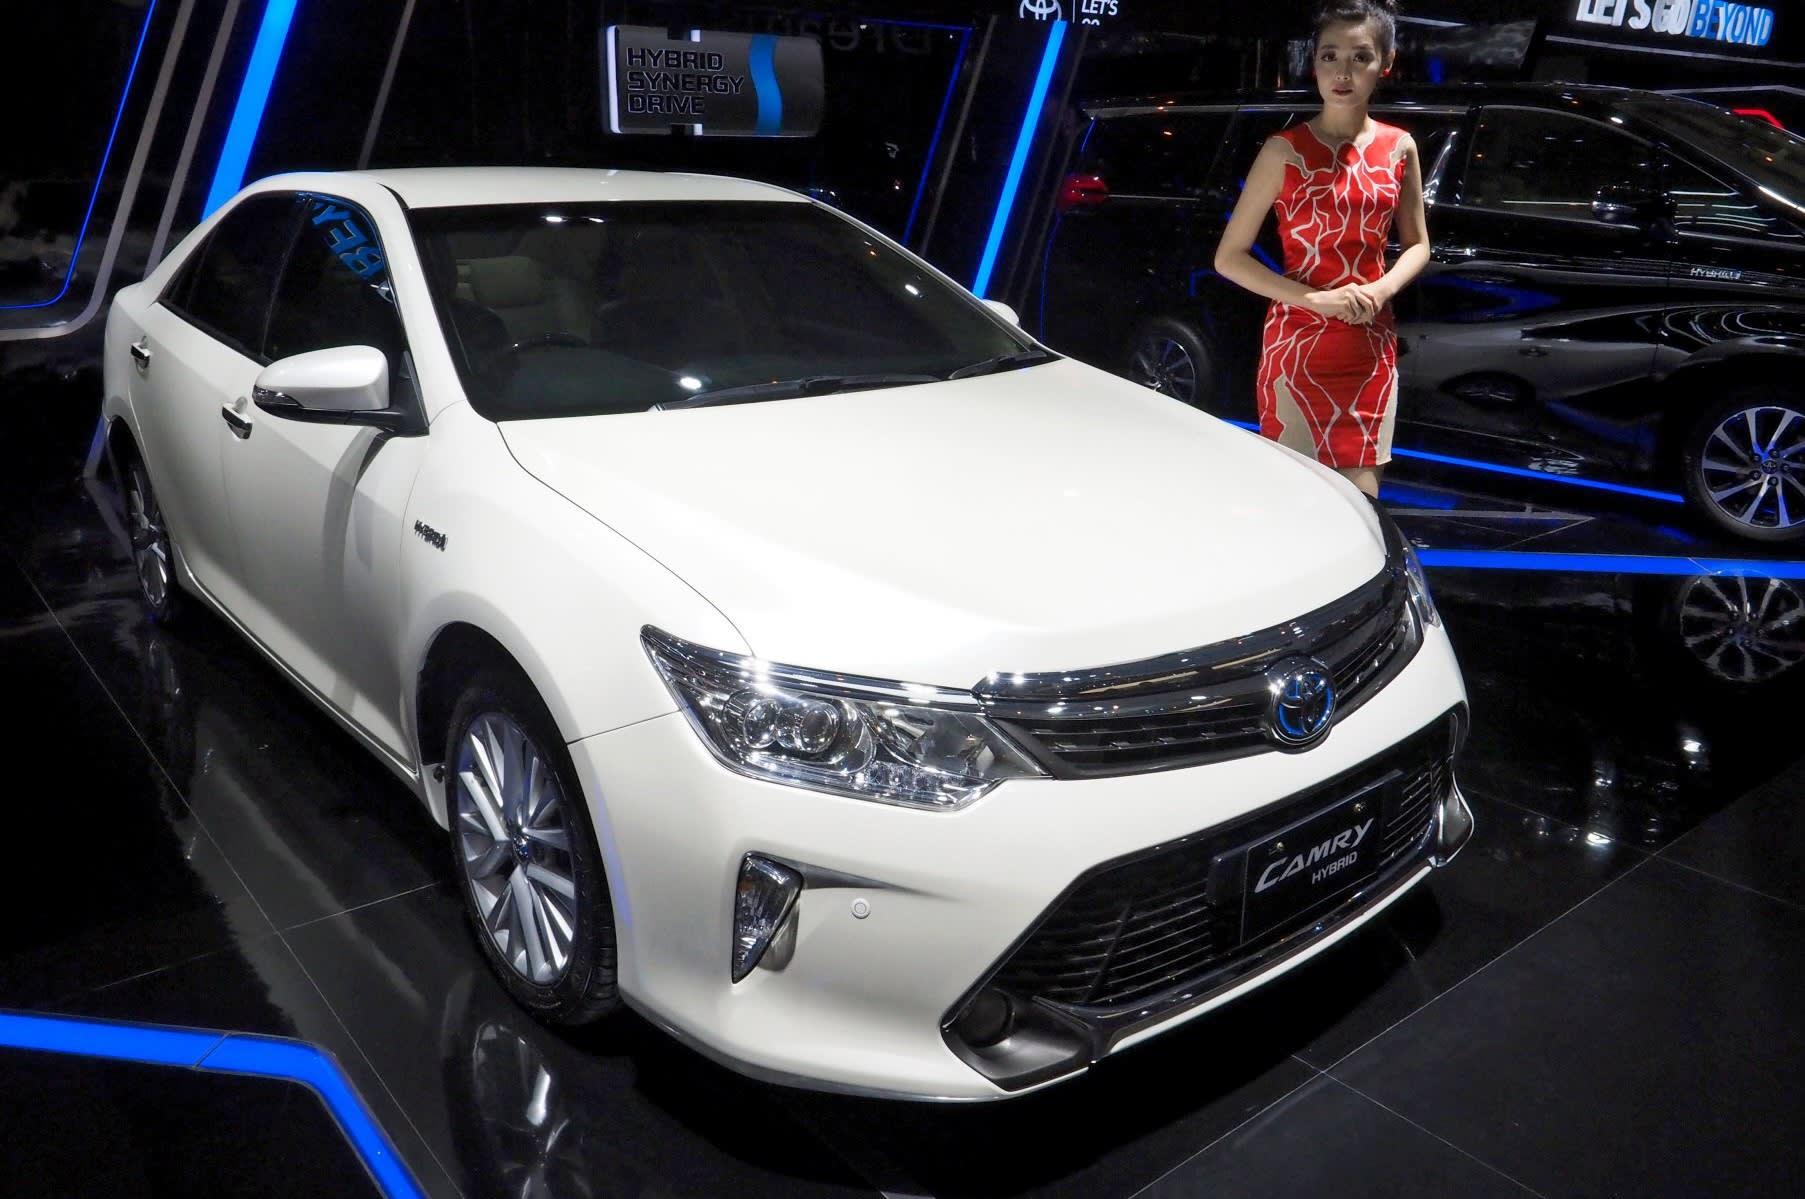 Quốc gia Đông Nam Á nào tiêu thụ nhiều ôtô nhất nửa đầu năm 2020? - Ảnh 2